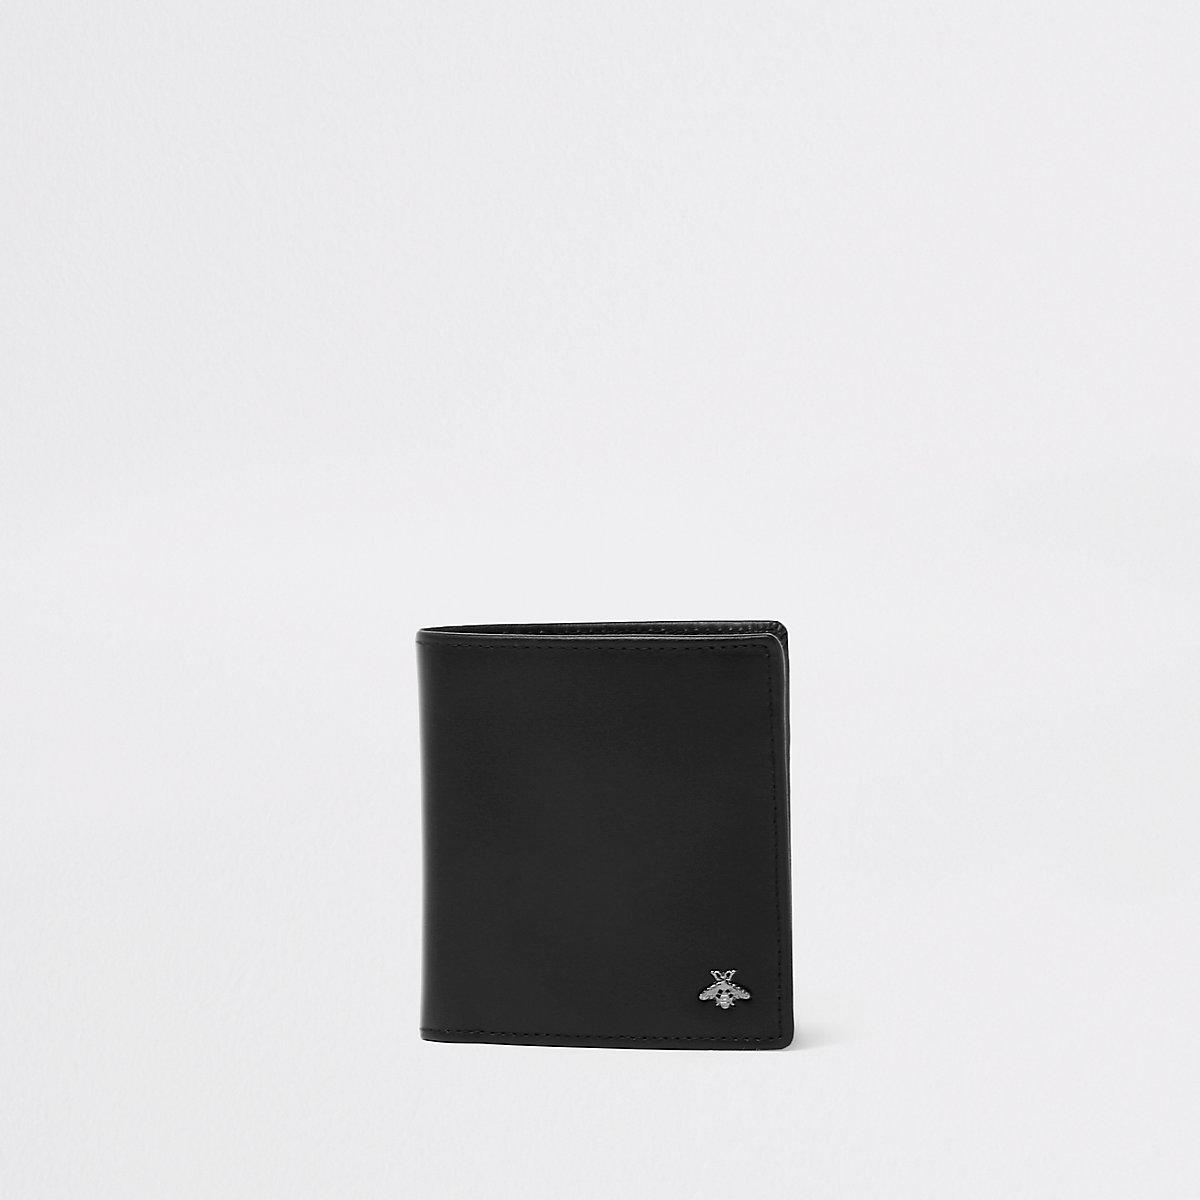 Portefeuille à rabat noir orné d'une guêpe